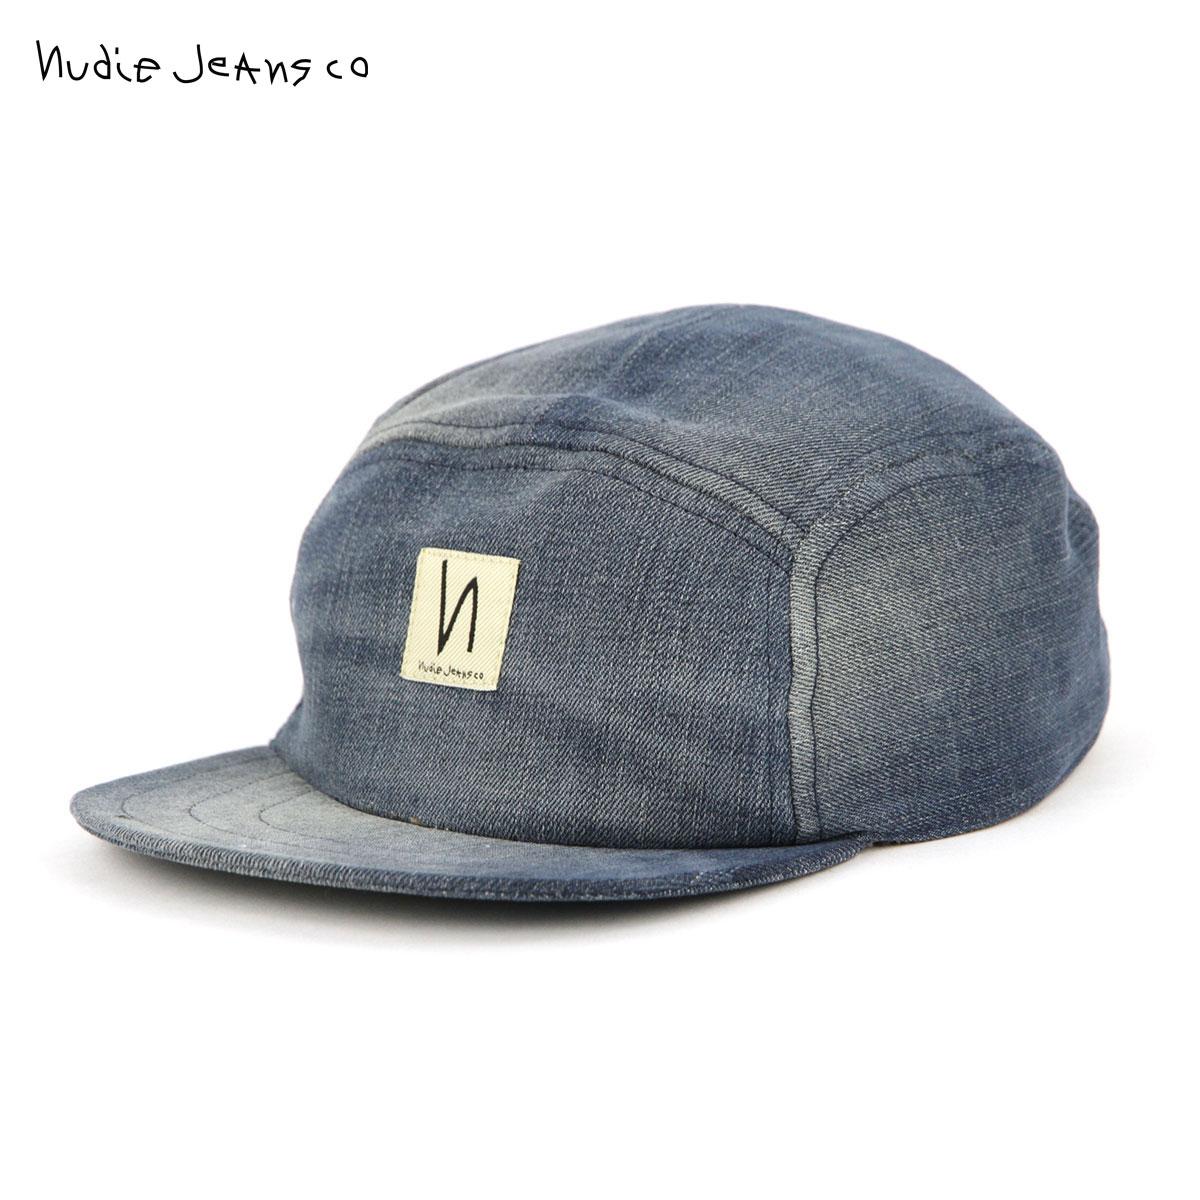 【ポイント10倍 6/4 20:00~6/11 01:59まで】 ヌーディージーンズ Nudie Jeans 正規販売店 帽子 キャップ LARSSON CAP DENIM B26 180802 父の日